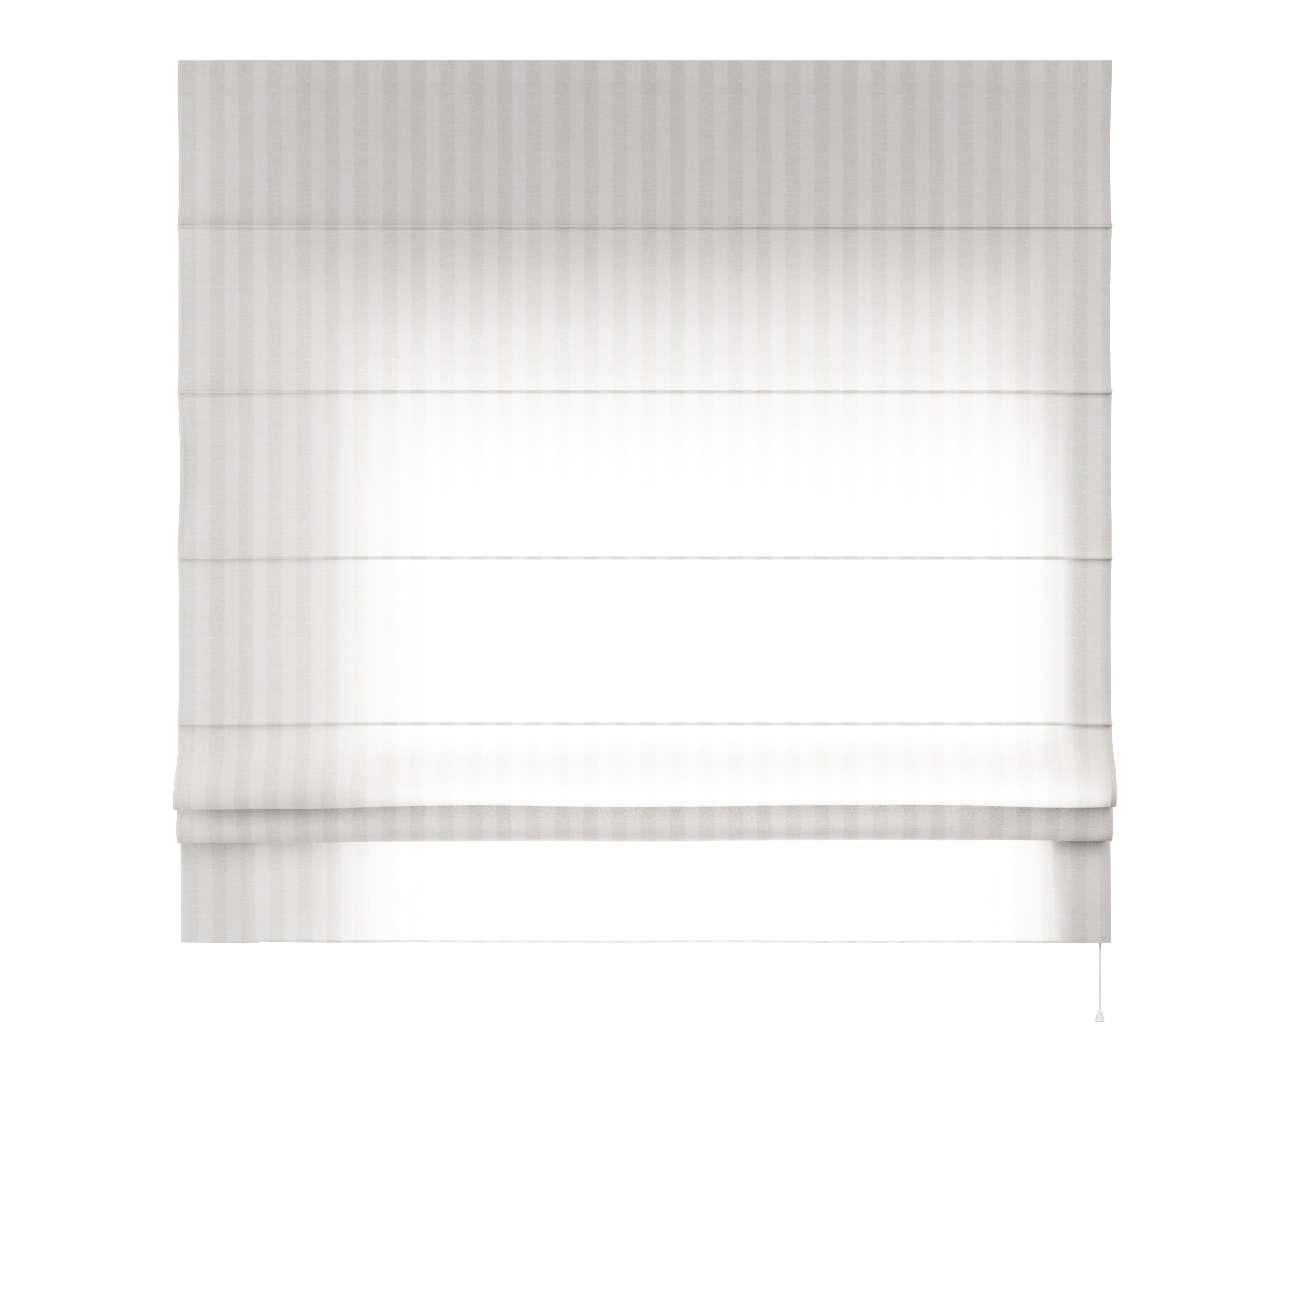 Rímska roleta Padva 80 x 170 cm V kolekcii Linen, tkanina: 392-03